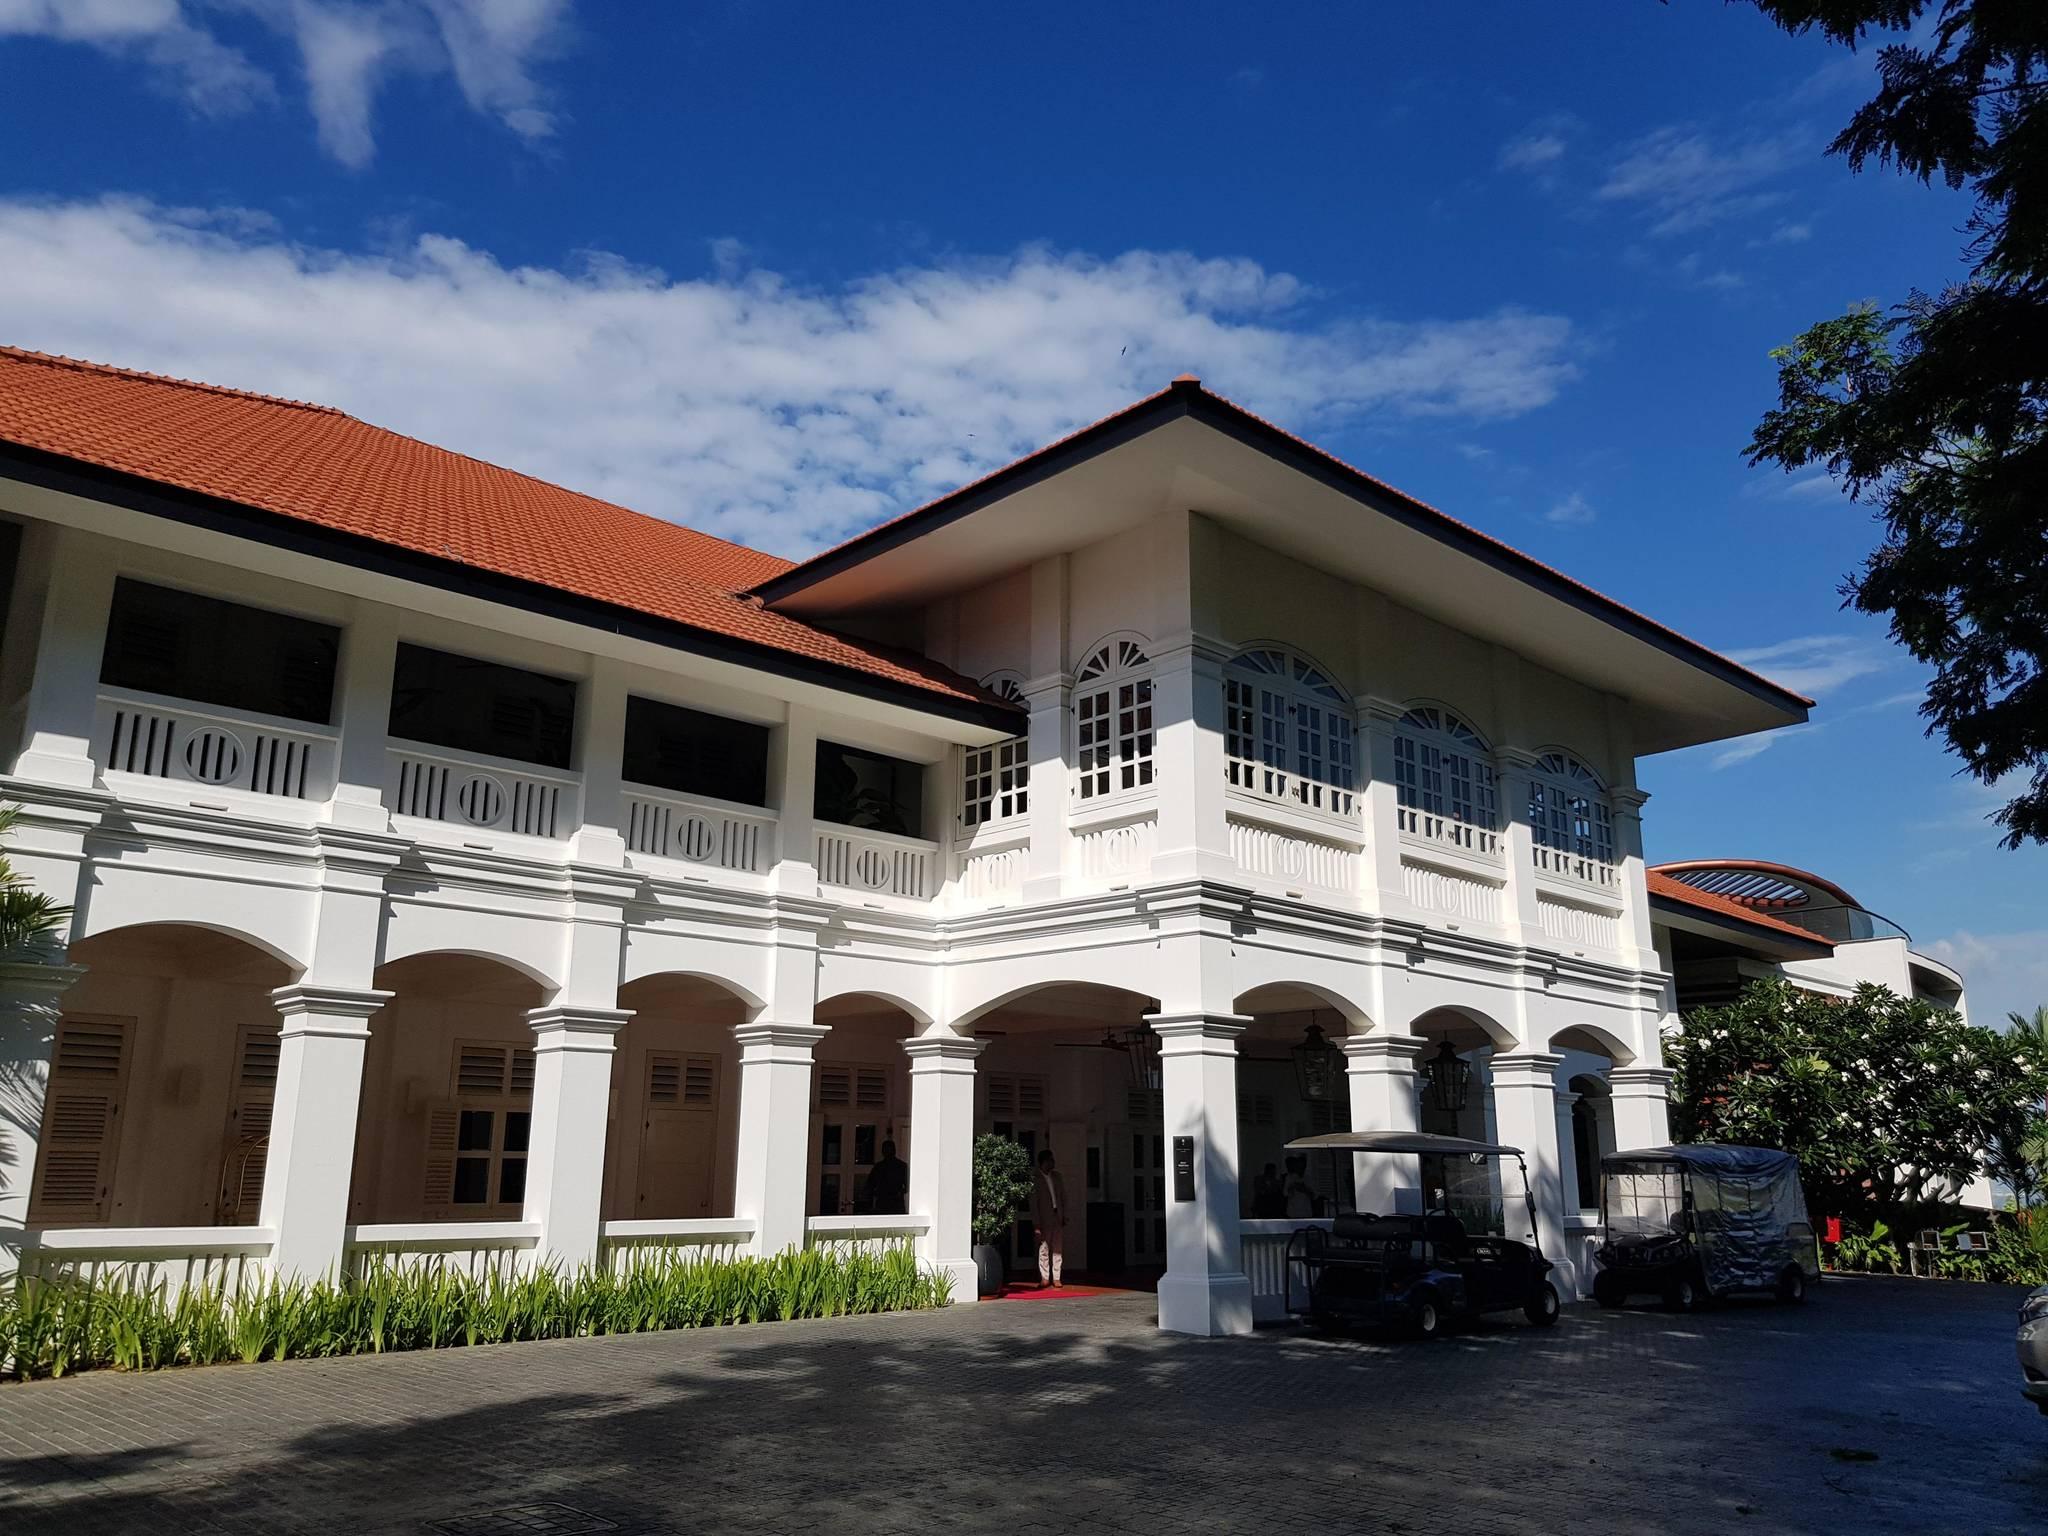 4일 낮 촬영된 싱가포르 센토사 섬의 고급 호텔인 카펠라 호텔 본관. [싱가포르=연합뉴스]